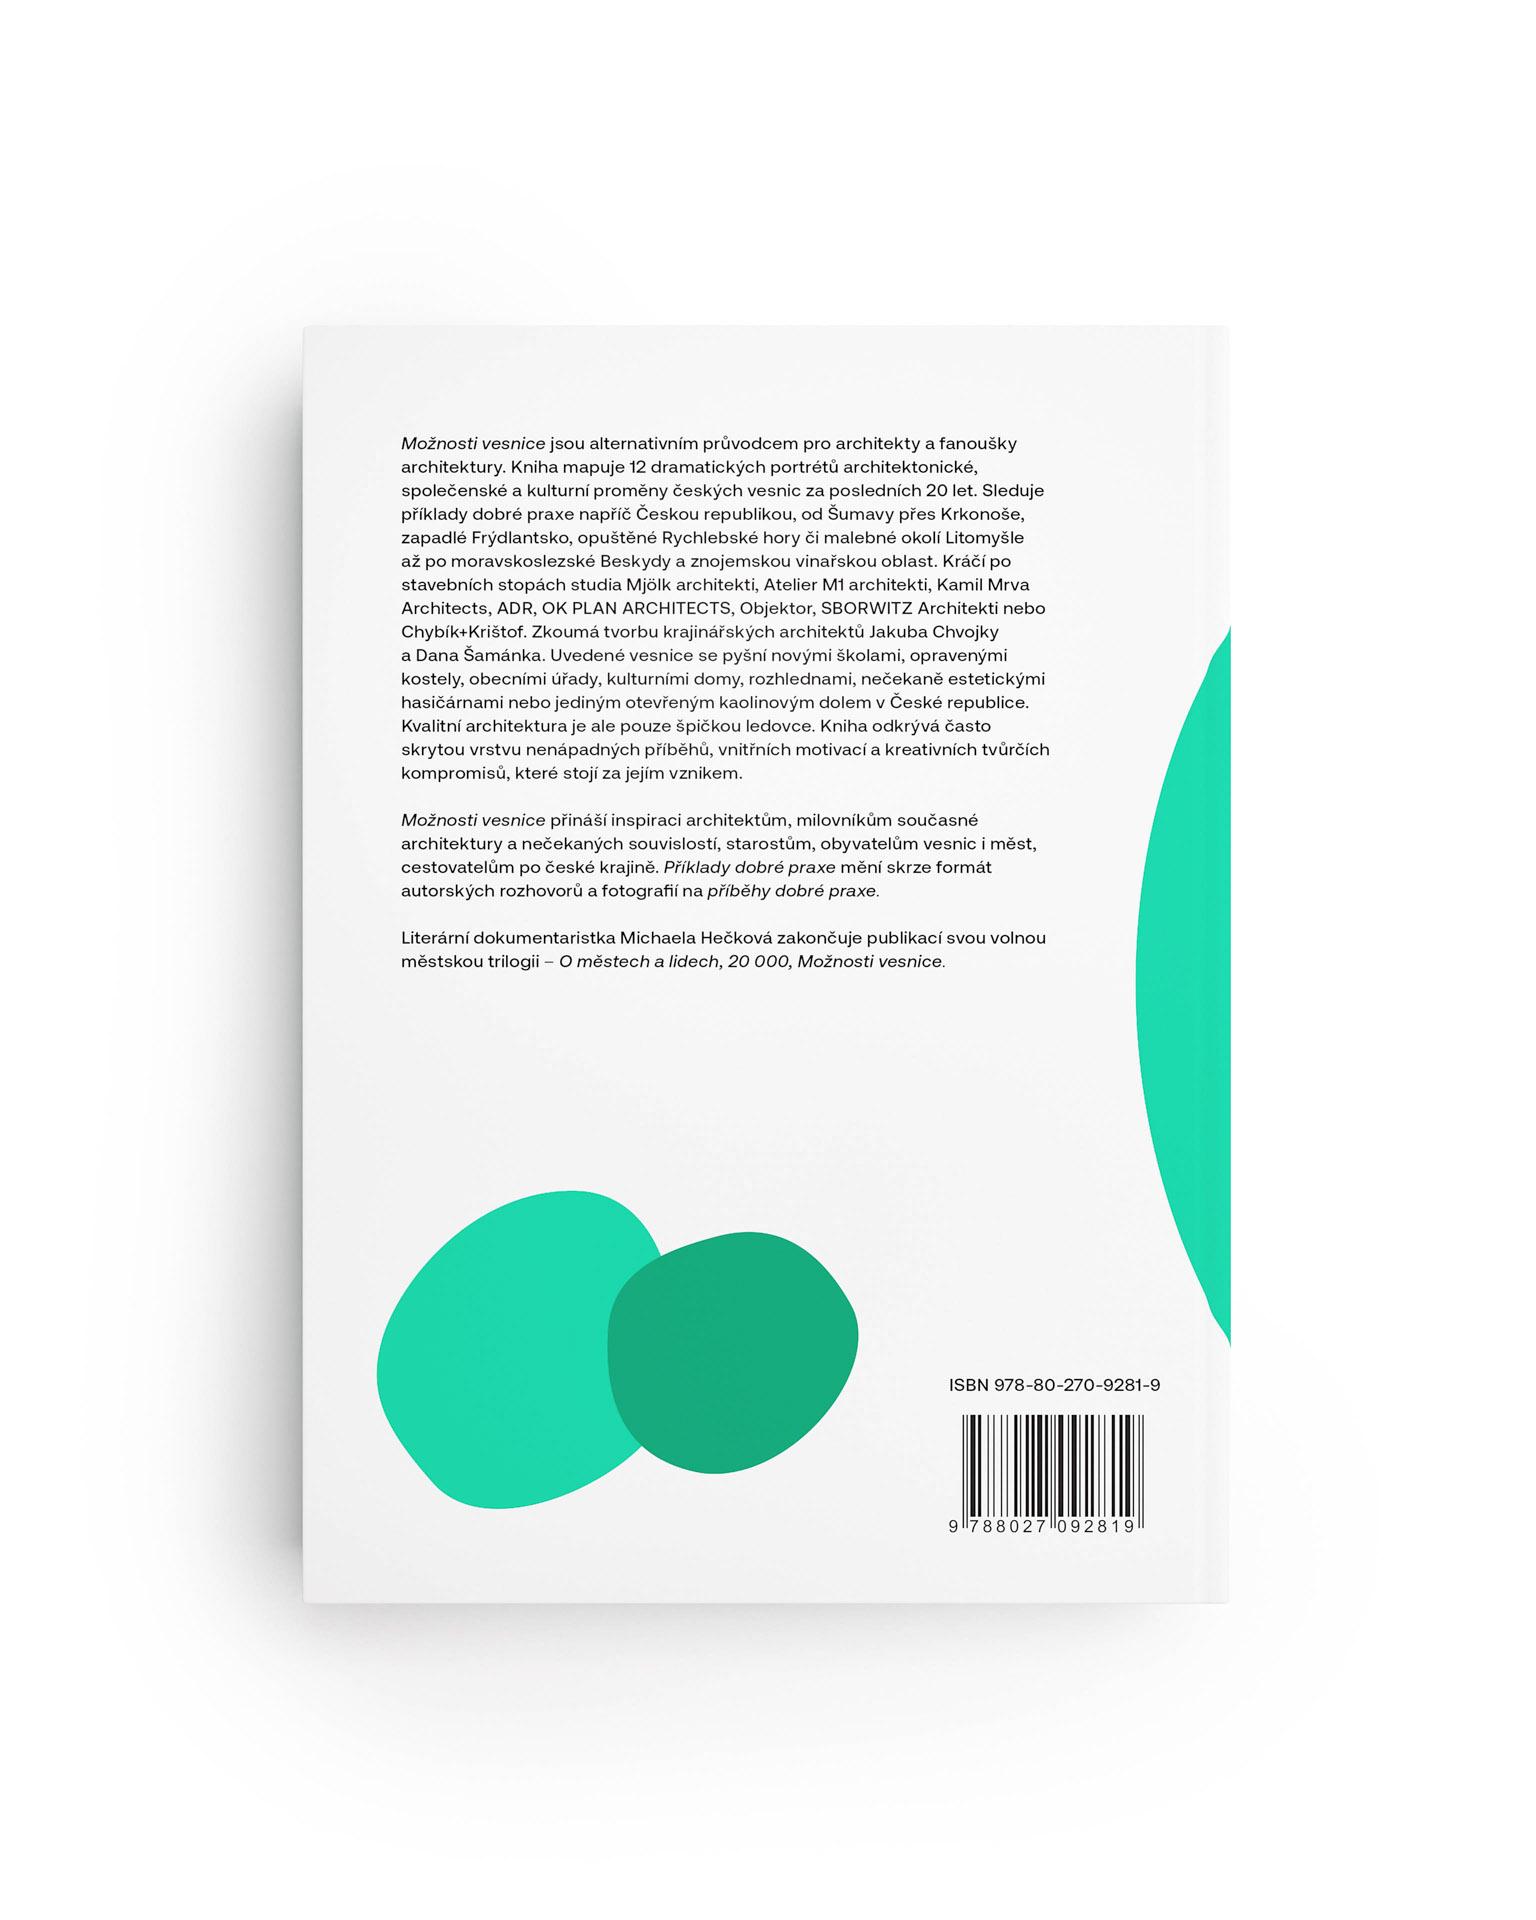 Možnosti vesnice – zadní strana obálky